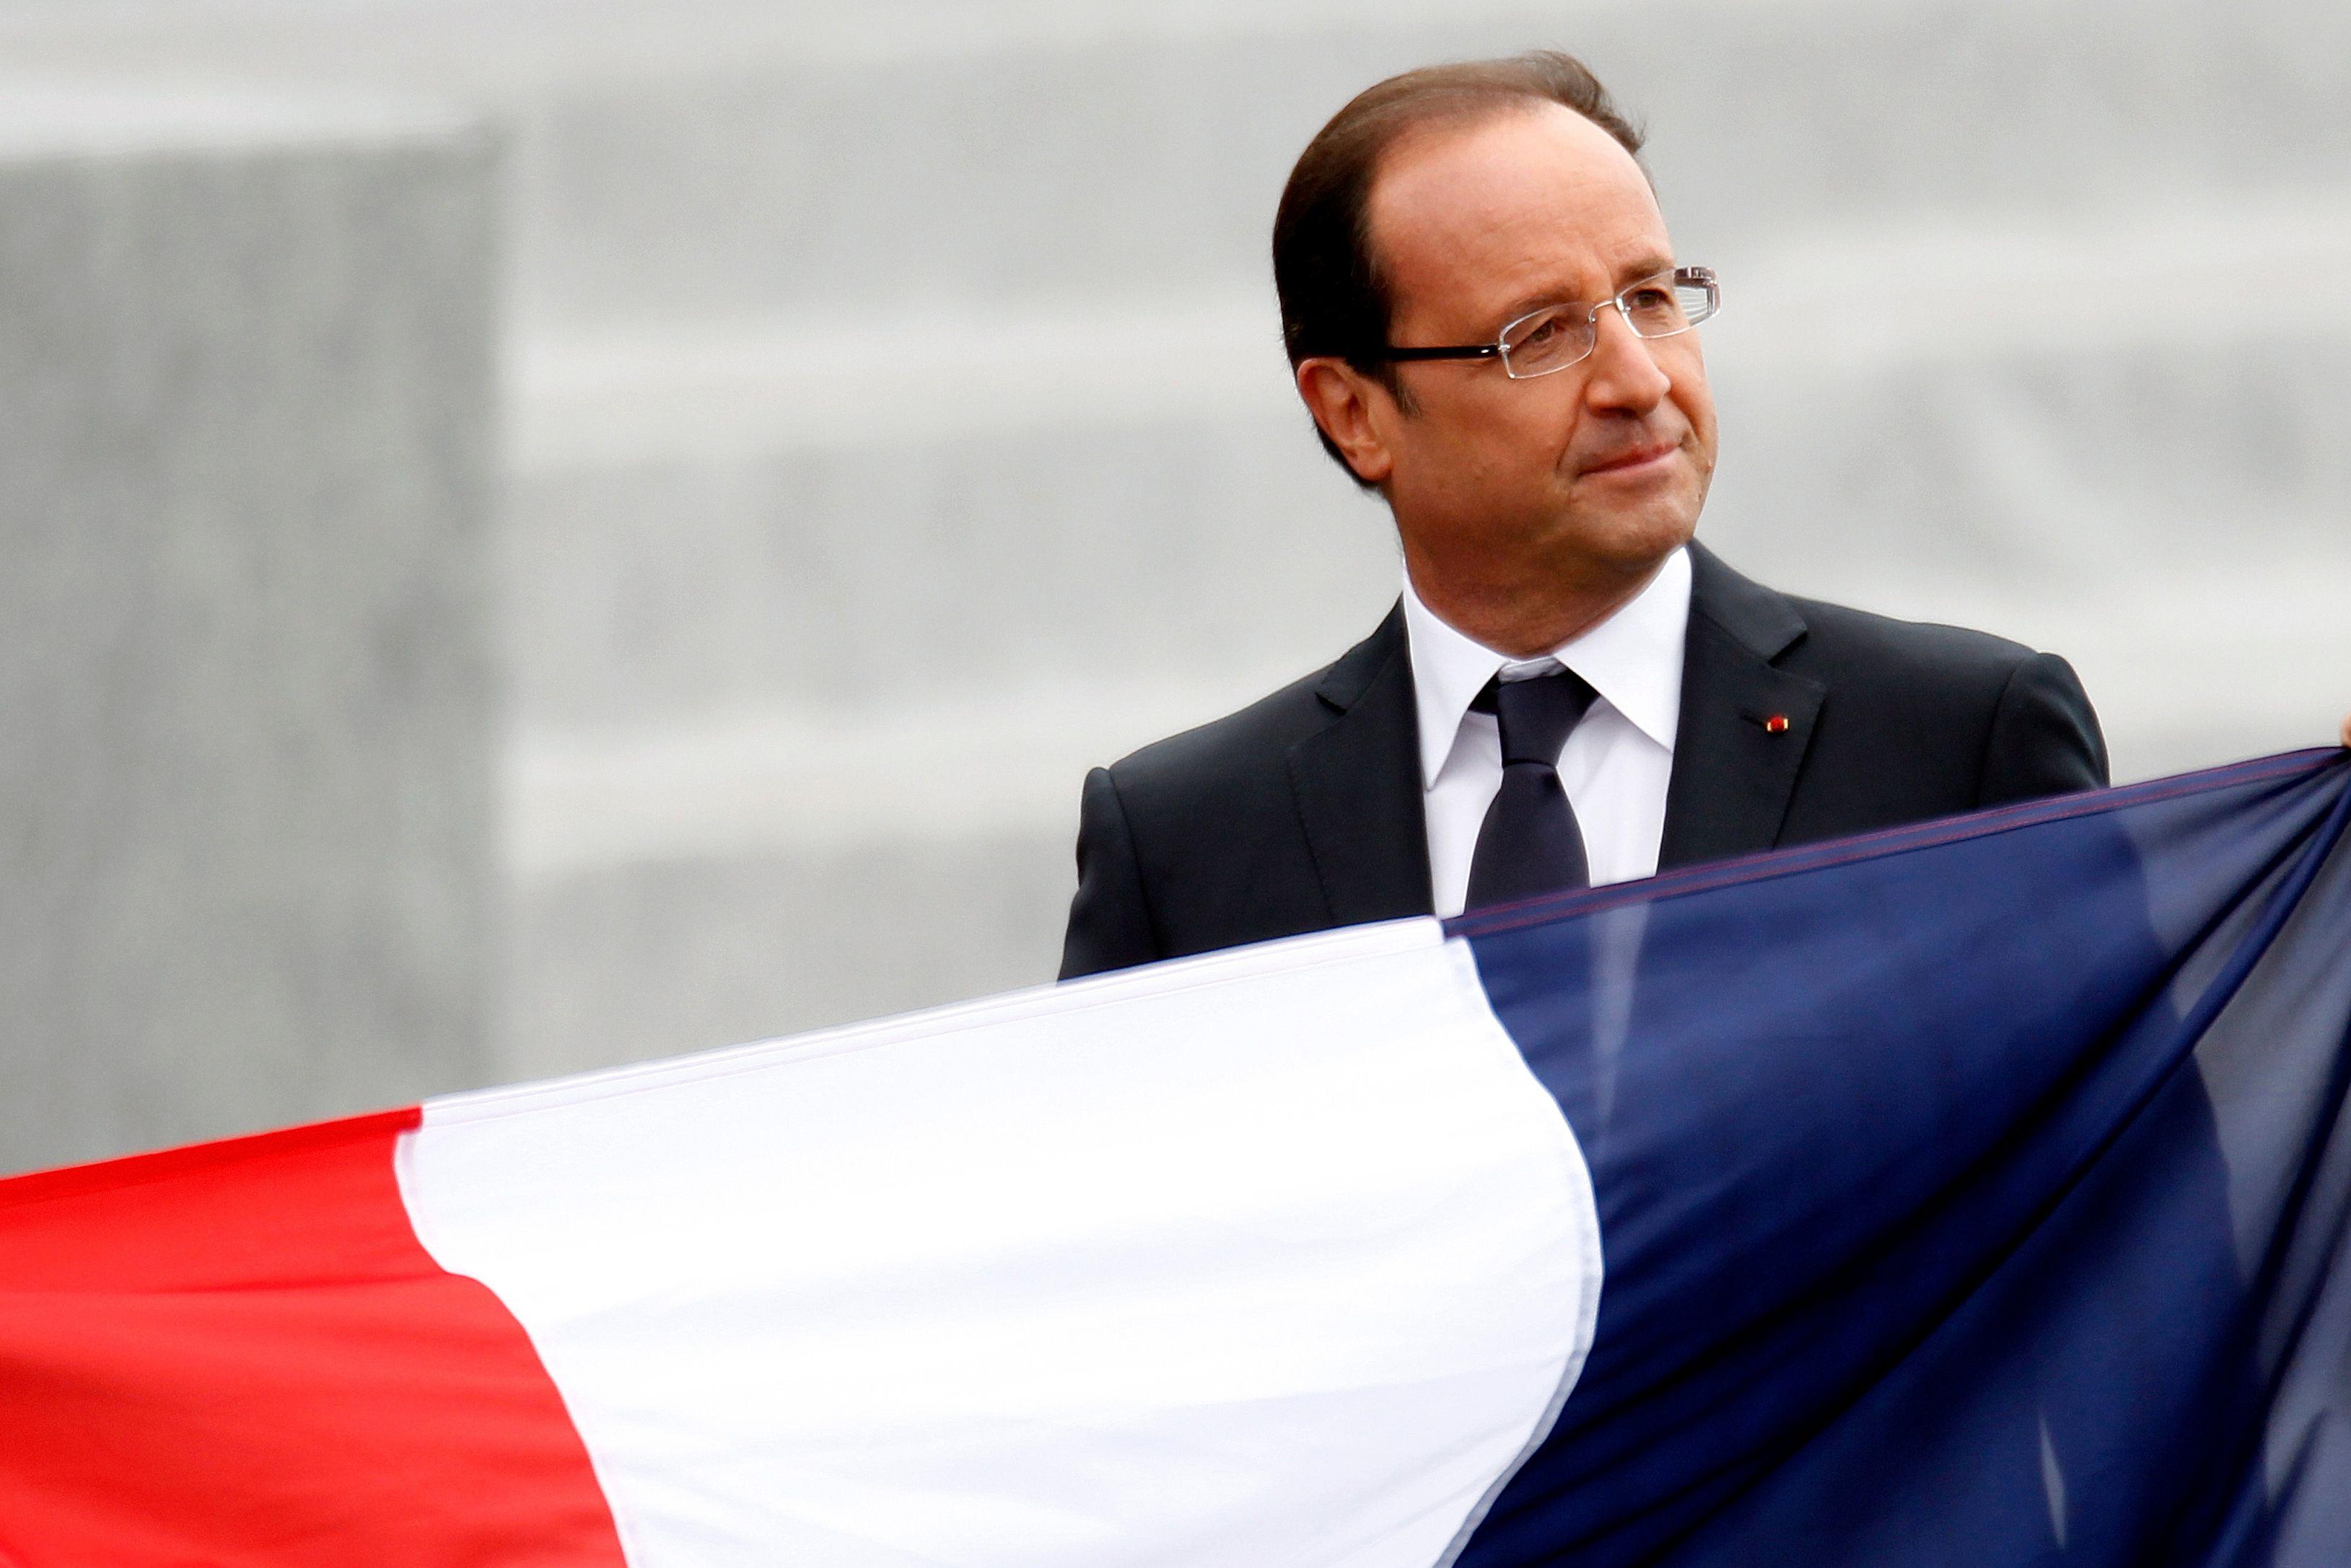 La stratégie économique de François Hollande consiste-t-elle à espérer que les Français soient tous atteints du syndrome de Stockholm ?